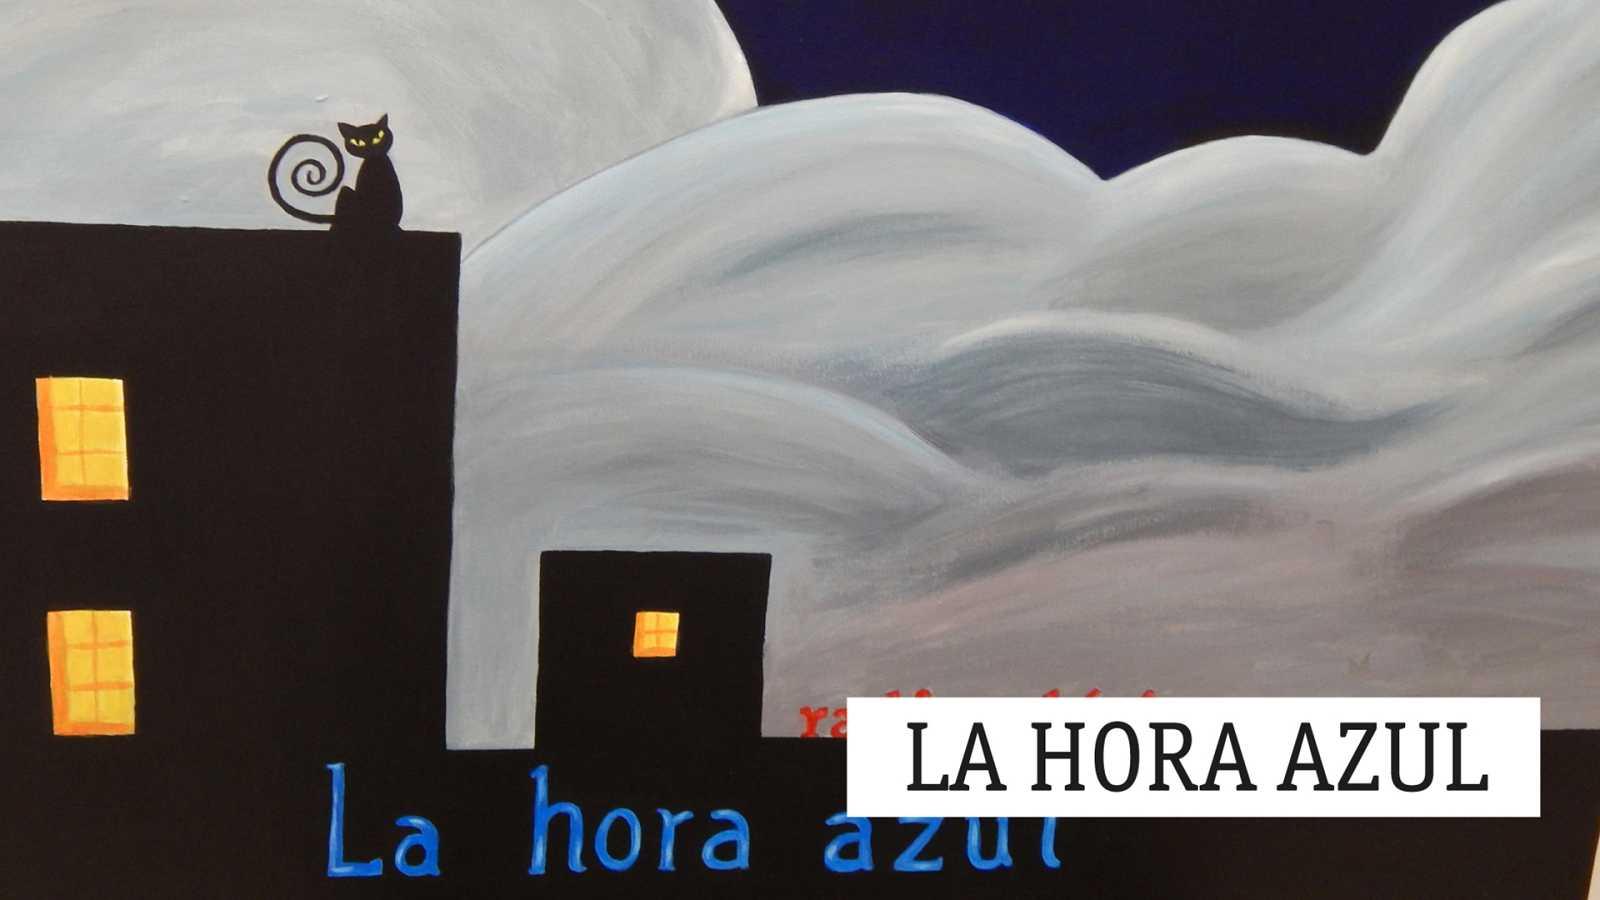 La hora azul - Casa Patas, Sibelius y un manojo de rosas - 28/10/20 - escuchar ahora